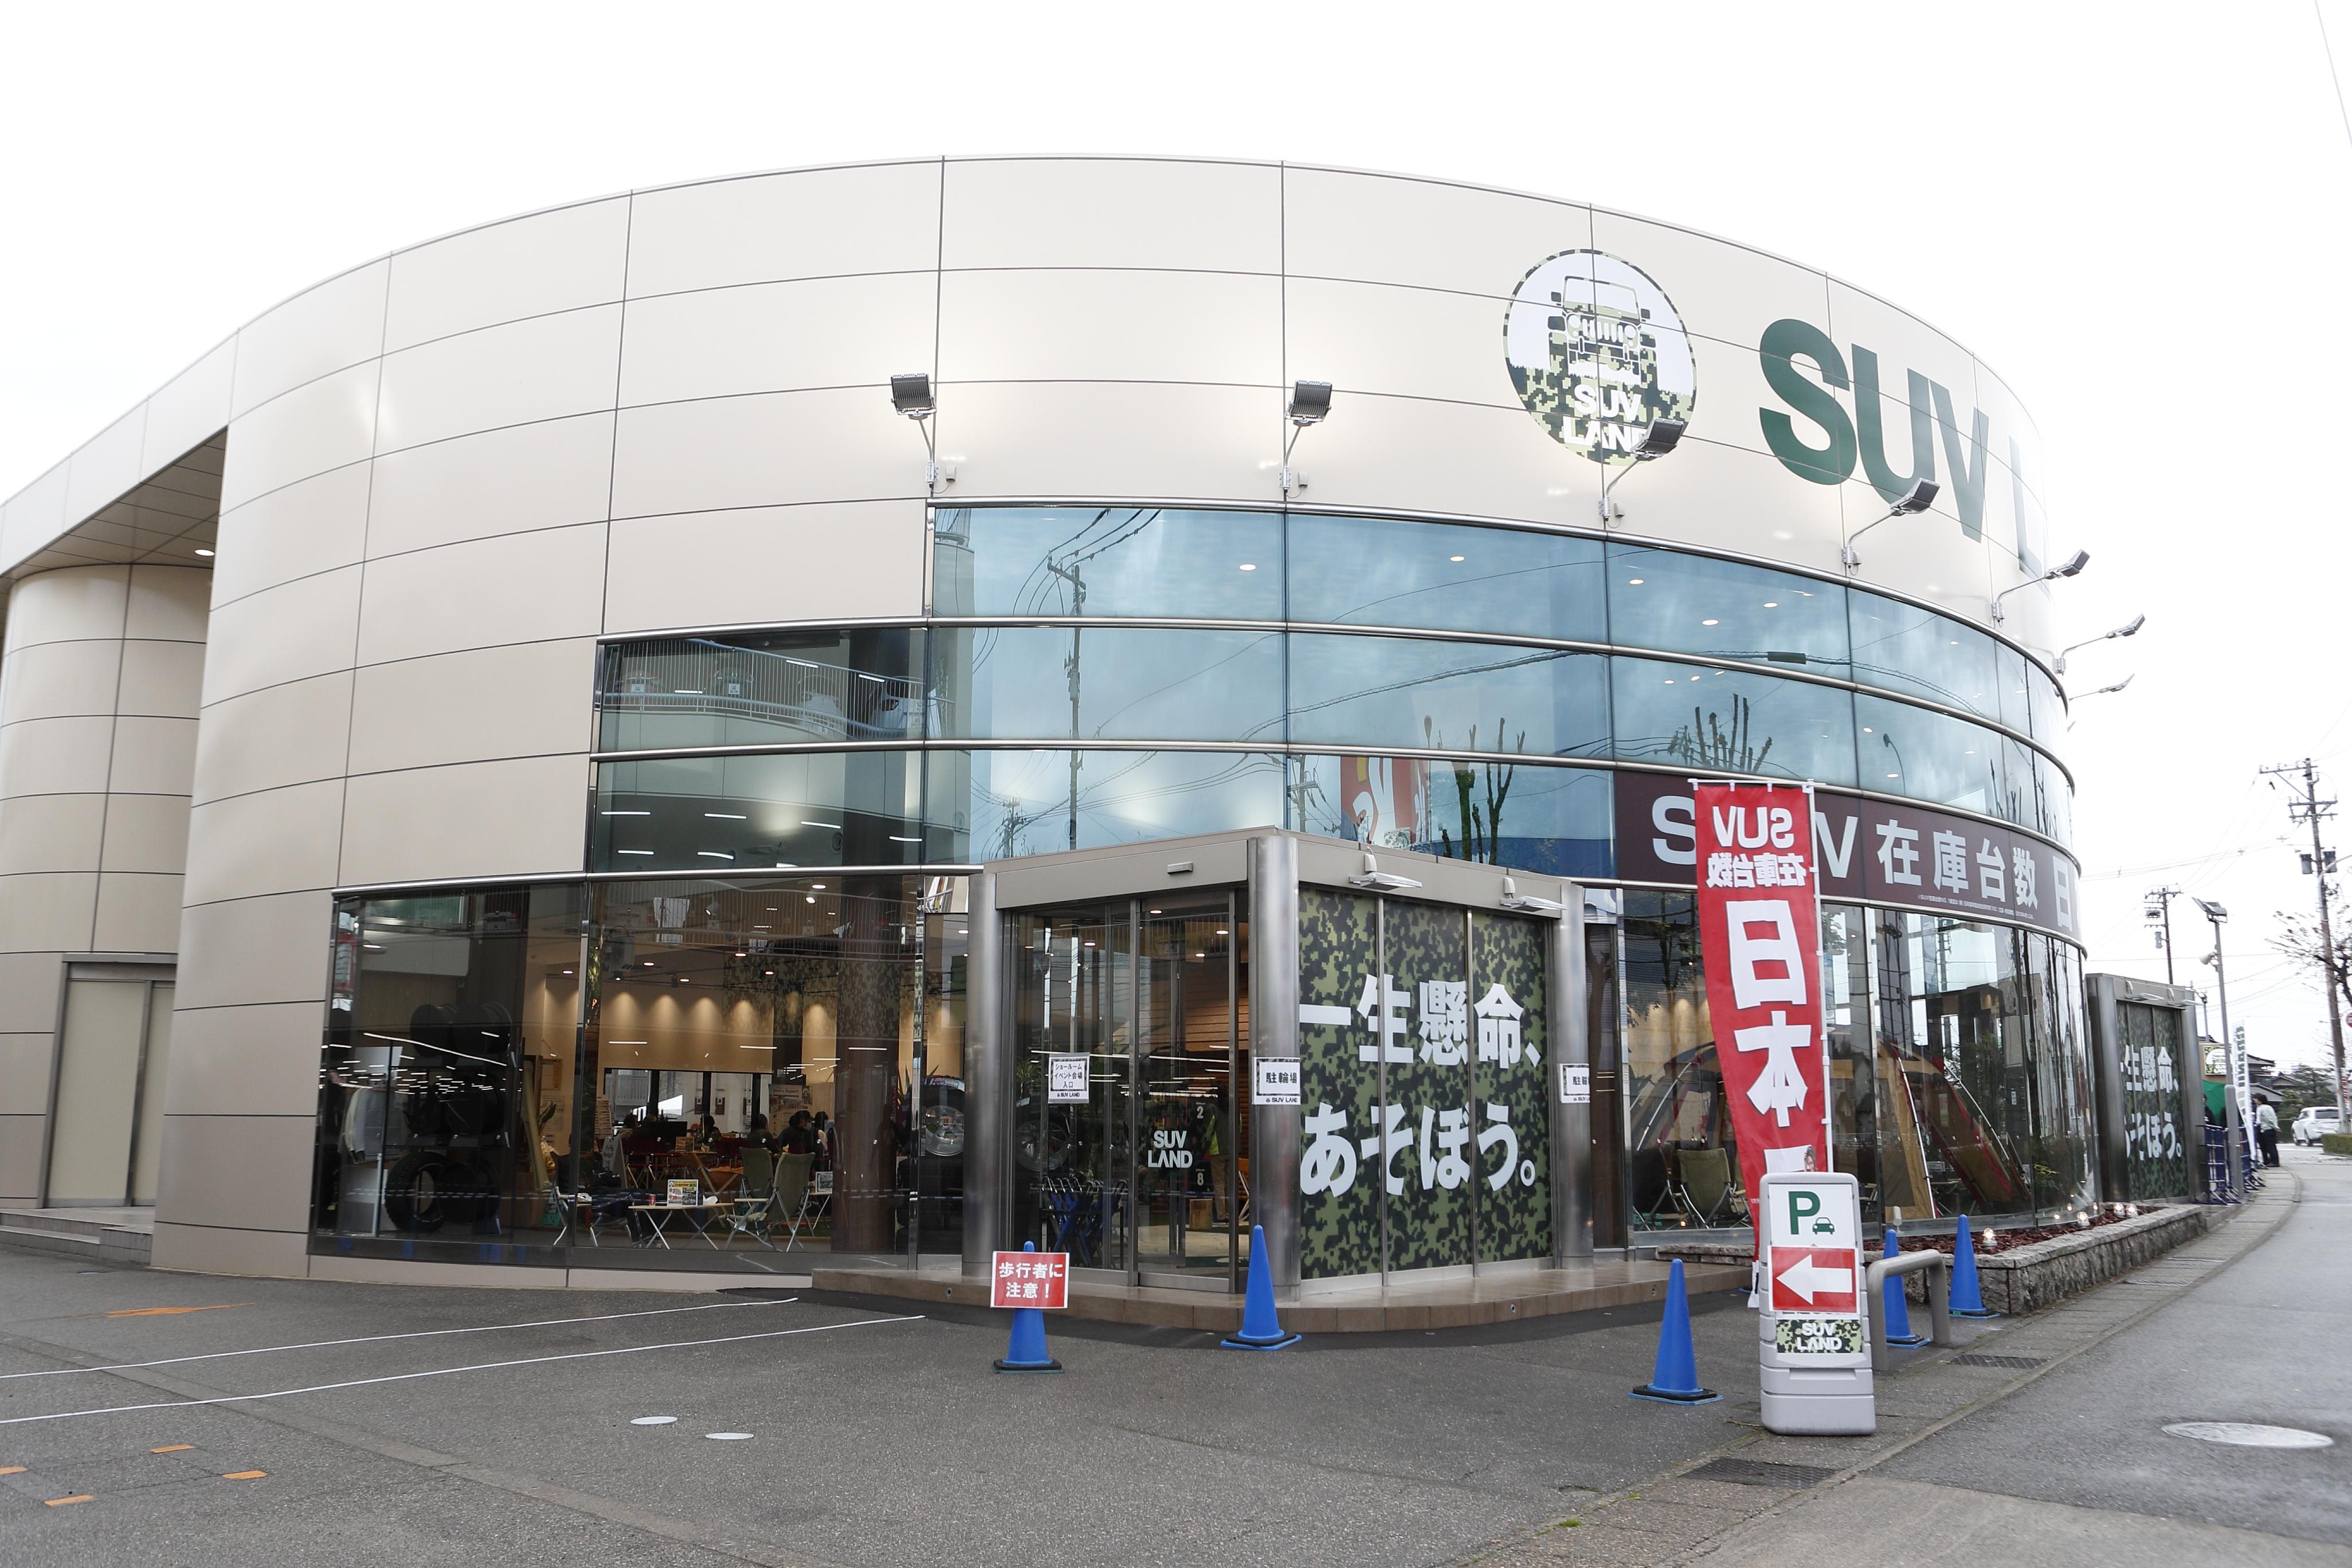 ネクステージ「SUV LAND金沢」店の販売買取価格は?気になる口コミ評判徹底調査!(※追記あり)